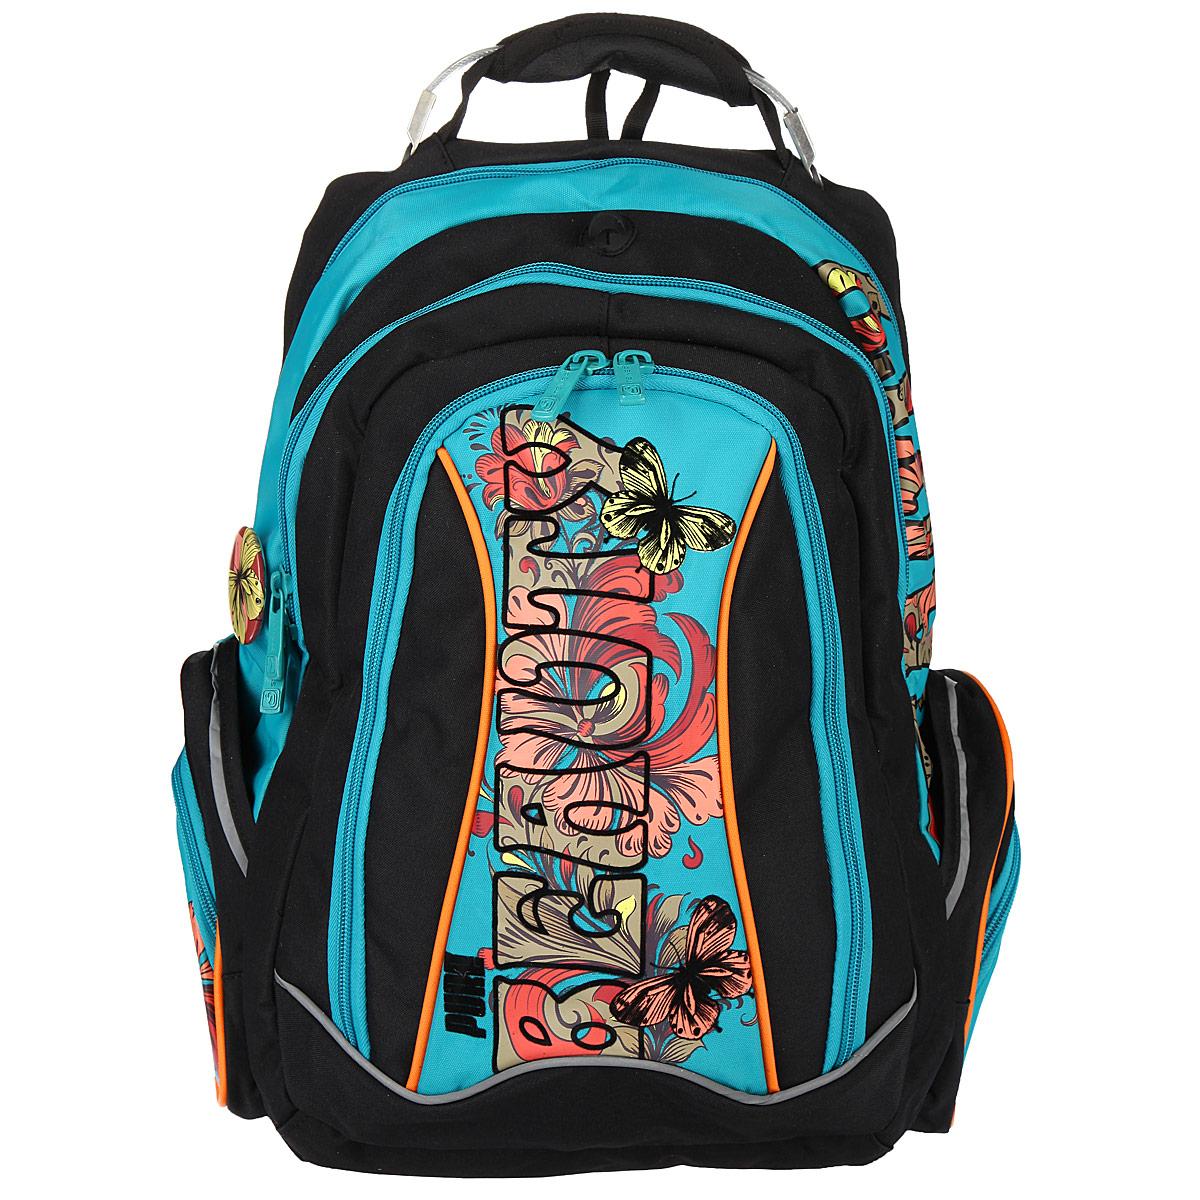 Рюкзак школьный Steiner BEAUTY, цвет: черный, бирюзовый. 12-252-15372523WDЭргономичный школьный рюкзак с ортопедической спинкой Steiner BEAUTY выполнен из современного пористого материала, отличающегося легкостью, долговечностью и повышенной влагостойкостью. Изделие оформлено изображениембабочек, цветов и логотипа бренда на лицевой стороне.Рюкзак имеет два основных отделения, которые закрываются на молнии. Внутри главного отделения расположены: два накладных кармана-разделителя на липучках, накладной мягкий карман для планшета или ноутбука на резинке с липучкой. Внутри второго отделения размещен органайзер для письменных принадлежностей, состоящий из пяти накладных карманов, один из которых карман-сетка на молнии. По бокам рюкзака размещены четыре дополнительных накладных кармана, два из которых застегиваются на молнии. В спинку рюкзака встроены два накладных кармана на молниях, внутри верхнего кармана находится кармашек для телефона на липучке.Рельеф спинки рюкзака разработан с учетом особенности детского позвоночника.Рюкзак оснащен эргономичной ручкой для переноски, двумя широкими лямками, регулируемой длины, петлей для подвешивания.Многофункциональный школьный рюкзак Steiner BEAUTY станет незаменимым спутником вашего ребенка в походах за знаниями.